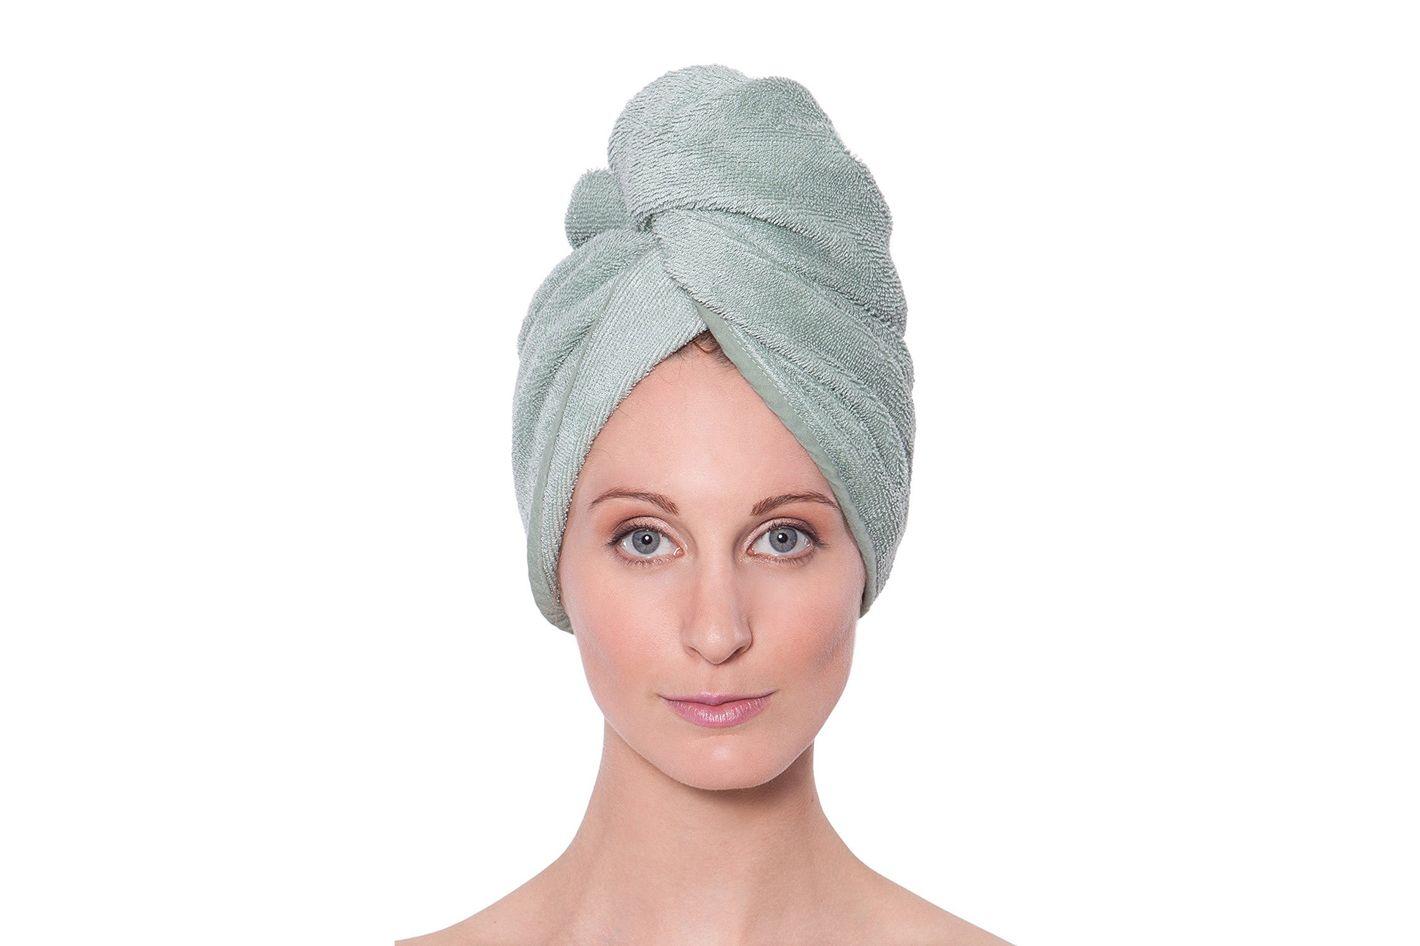 ebc339a1d3e Texere Women's Bamboo Hair Towel